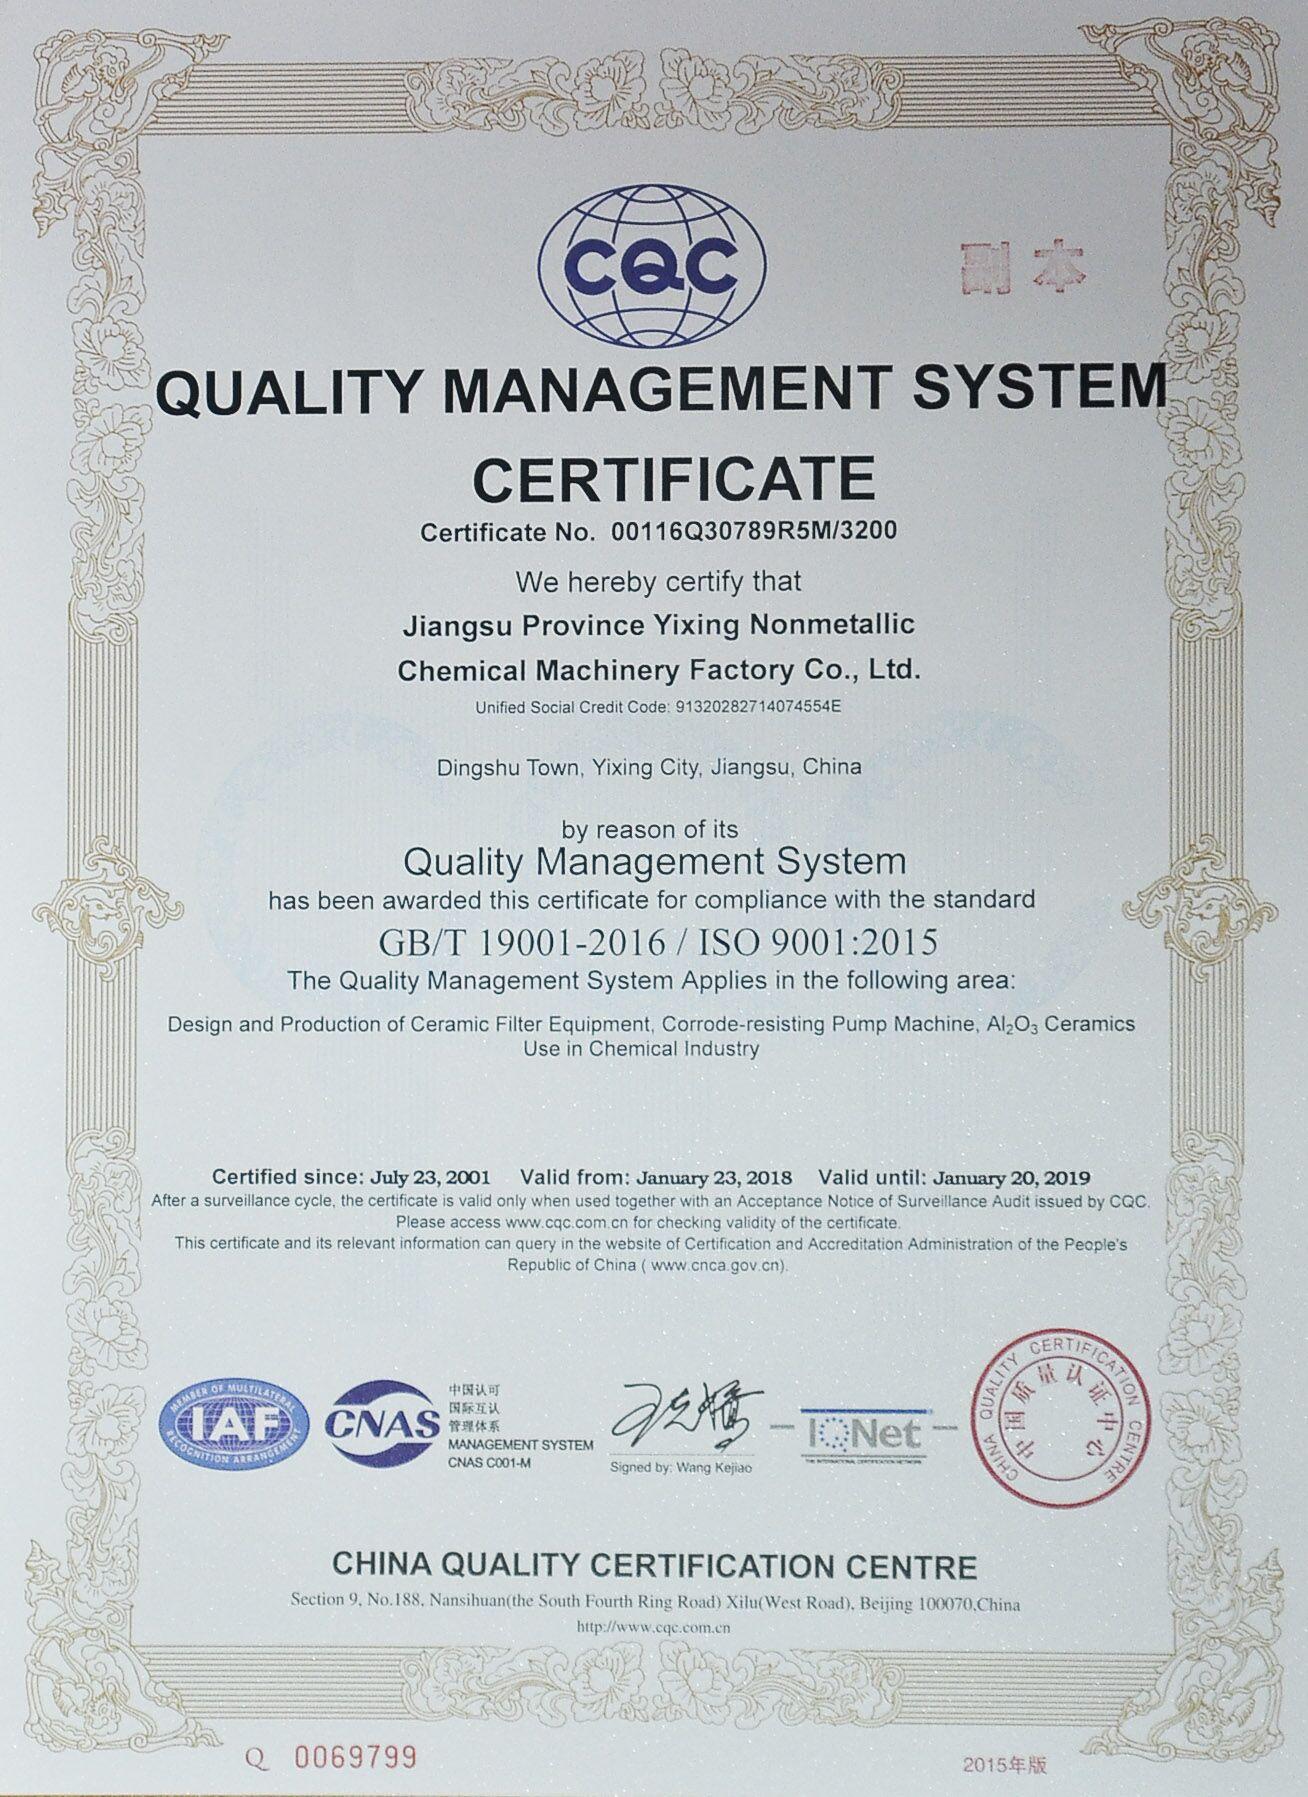 Qualityjiangsu Yixing Nonmetallic Chemical Machinery Factory Coltd